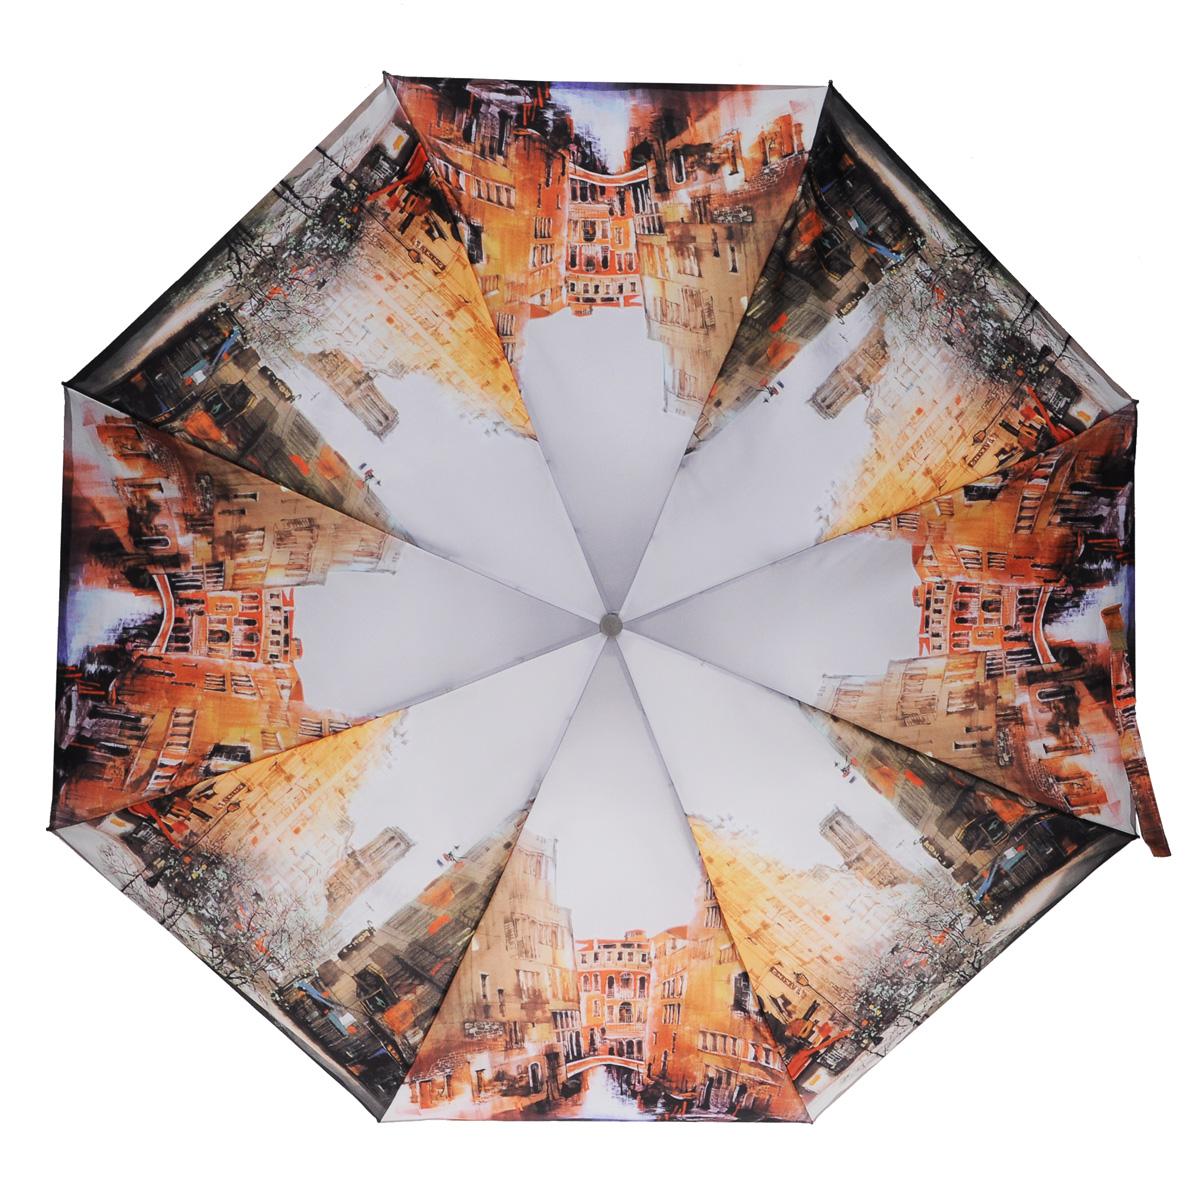 Зонт женский Zest, автомат, 4 сложения, цвет: серый. 24985-911324985-9113Эффектный автоматический зонт Zest в 4 сложения изготовлен из высокопрочных материалов. Каркас зонта состоит из 8 спиц из фибергласса и прочного алюминиевого стержня. Специальная система Windproof защищает его от поломок во время сильных порывов ветра. Купол зонта выполнен из прочного полиэстера с водоотталкивающей пропиткой и оформлен изображением городских пейзажей. Используемые высококачественные красители обеспечивают длительное сохранение свойств ткани купола. Рукоятка, разработанная с учетом требований эргономики, выполнена из пластика. Зонт имеет полный автоматический механизм сложения: купол открывается и закрывается нажатием кнопки на рукоятке, стержень складывается вручную до характерного щелчка. Благодаря этому открыть и закрыть зонт можно одной рукой, что чрезвычайно удобно при входе в транспорт или помещение. Небольшой шнурок, расположенный на рукоятке, позволяет надеть изделие на руку при необходимости. Модель закрывается при помощи ремня на липучке. К...